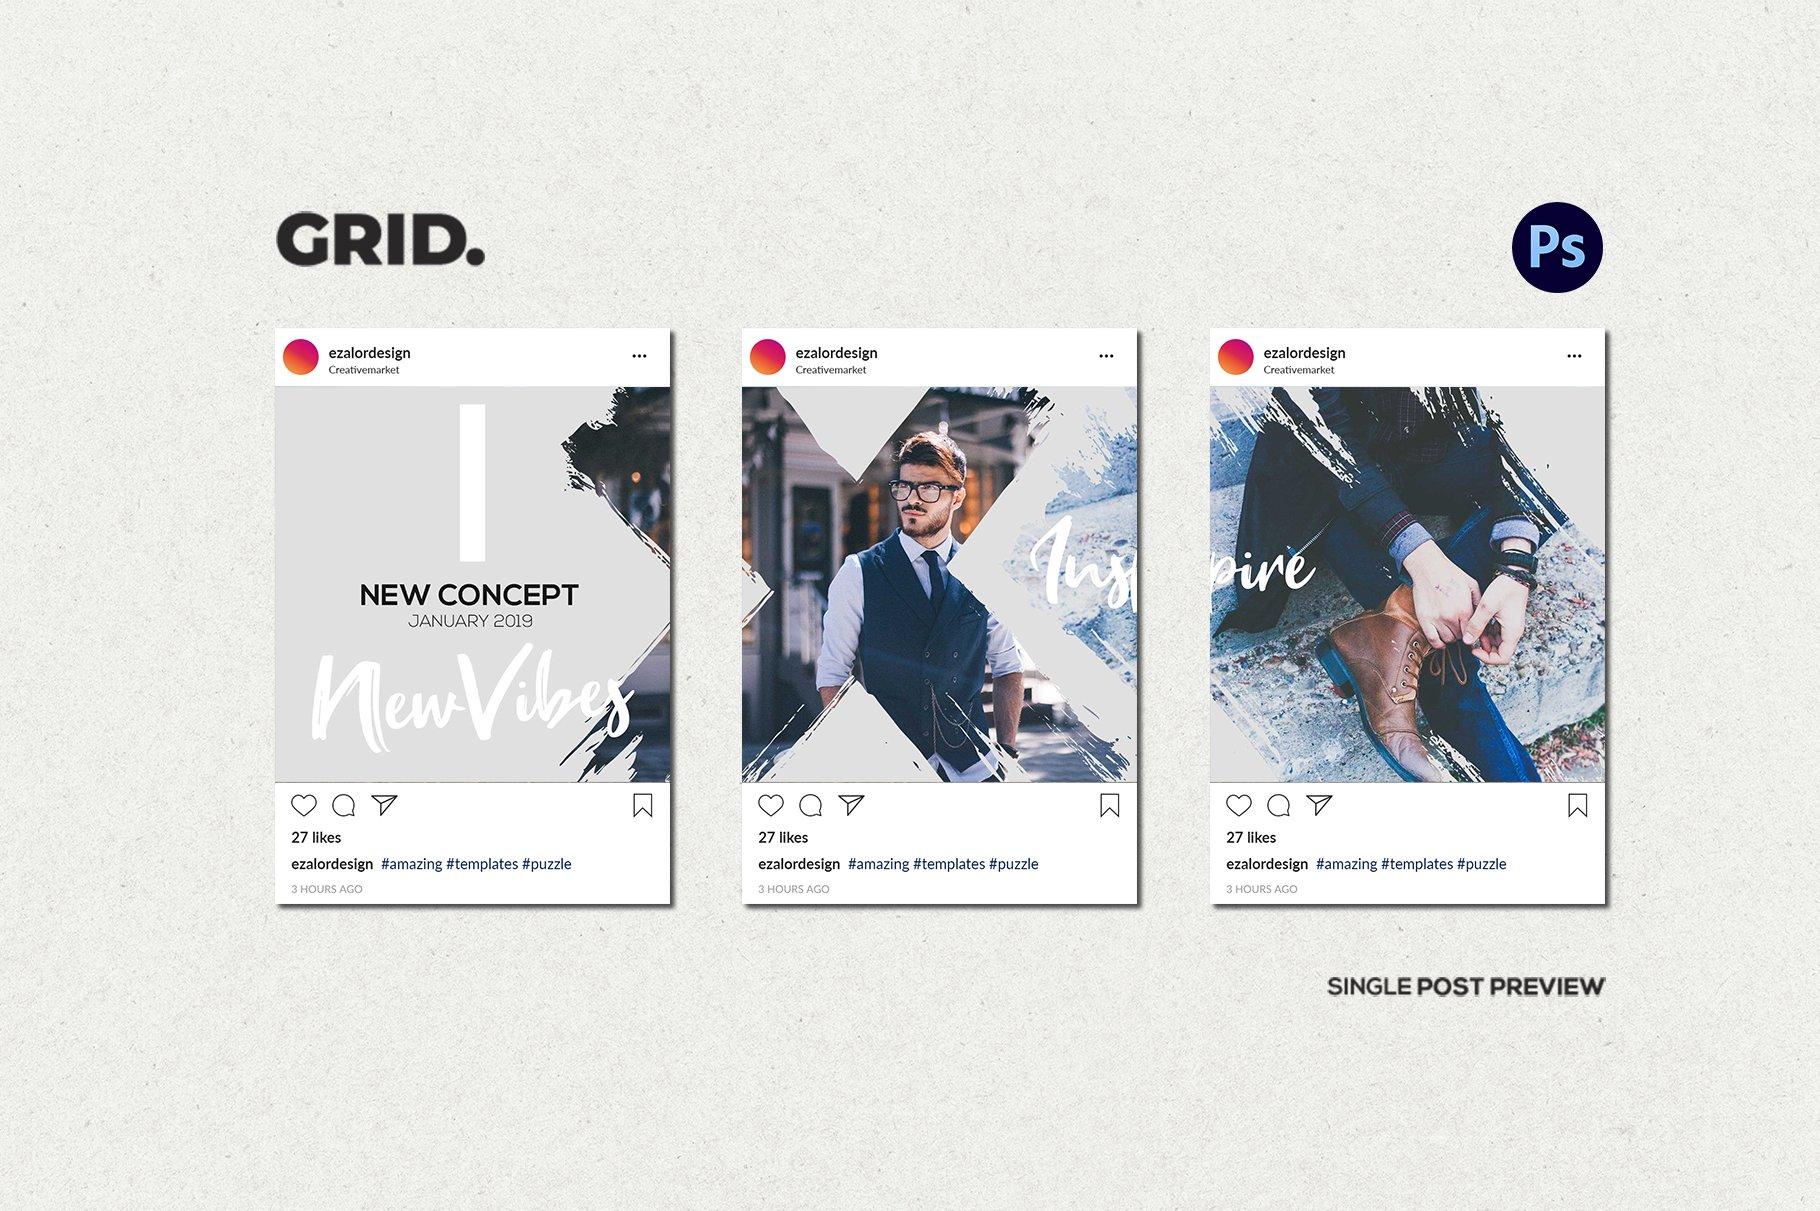 毛笔笔刷效果新媒体电商海报设计PSD模板 Agenda Insta Grid (Triple Posts)插图(6)